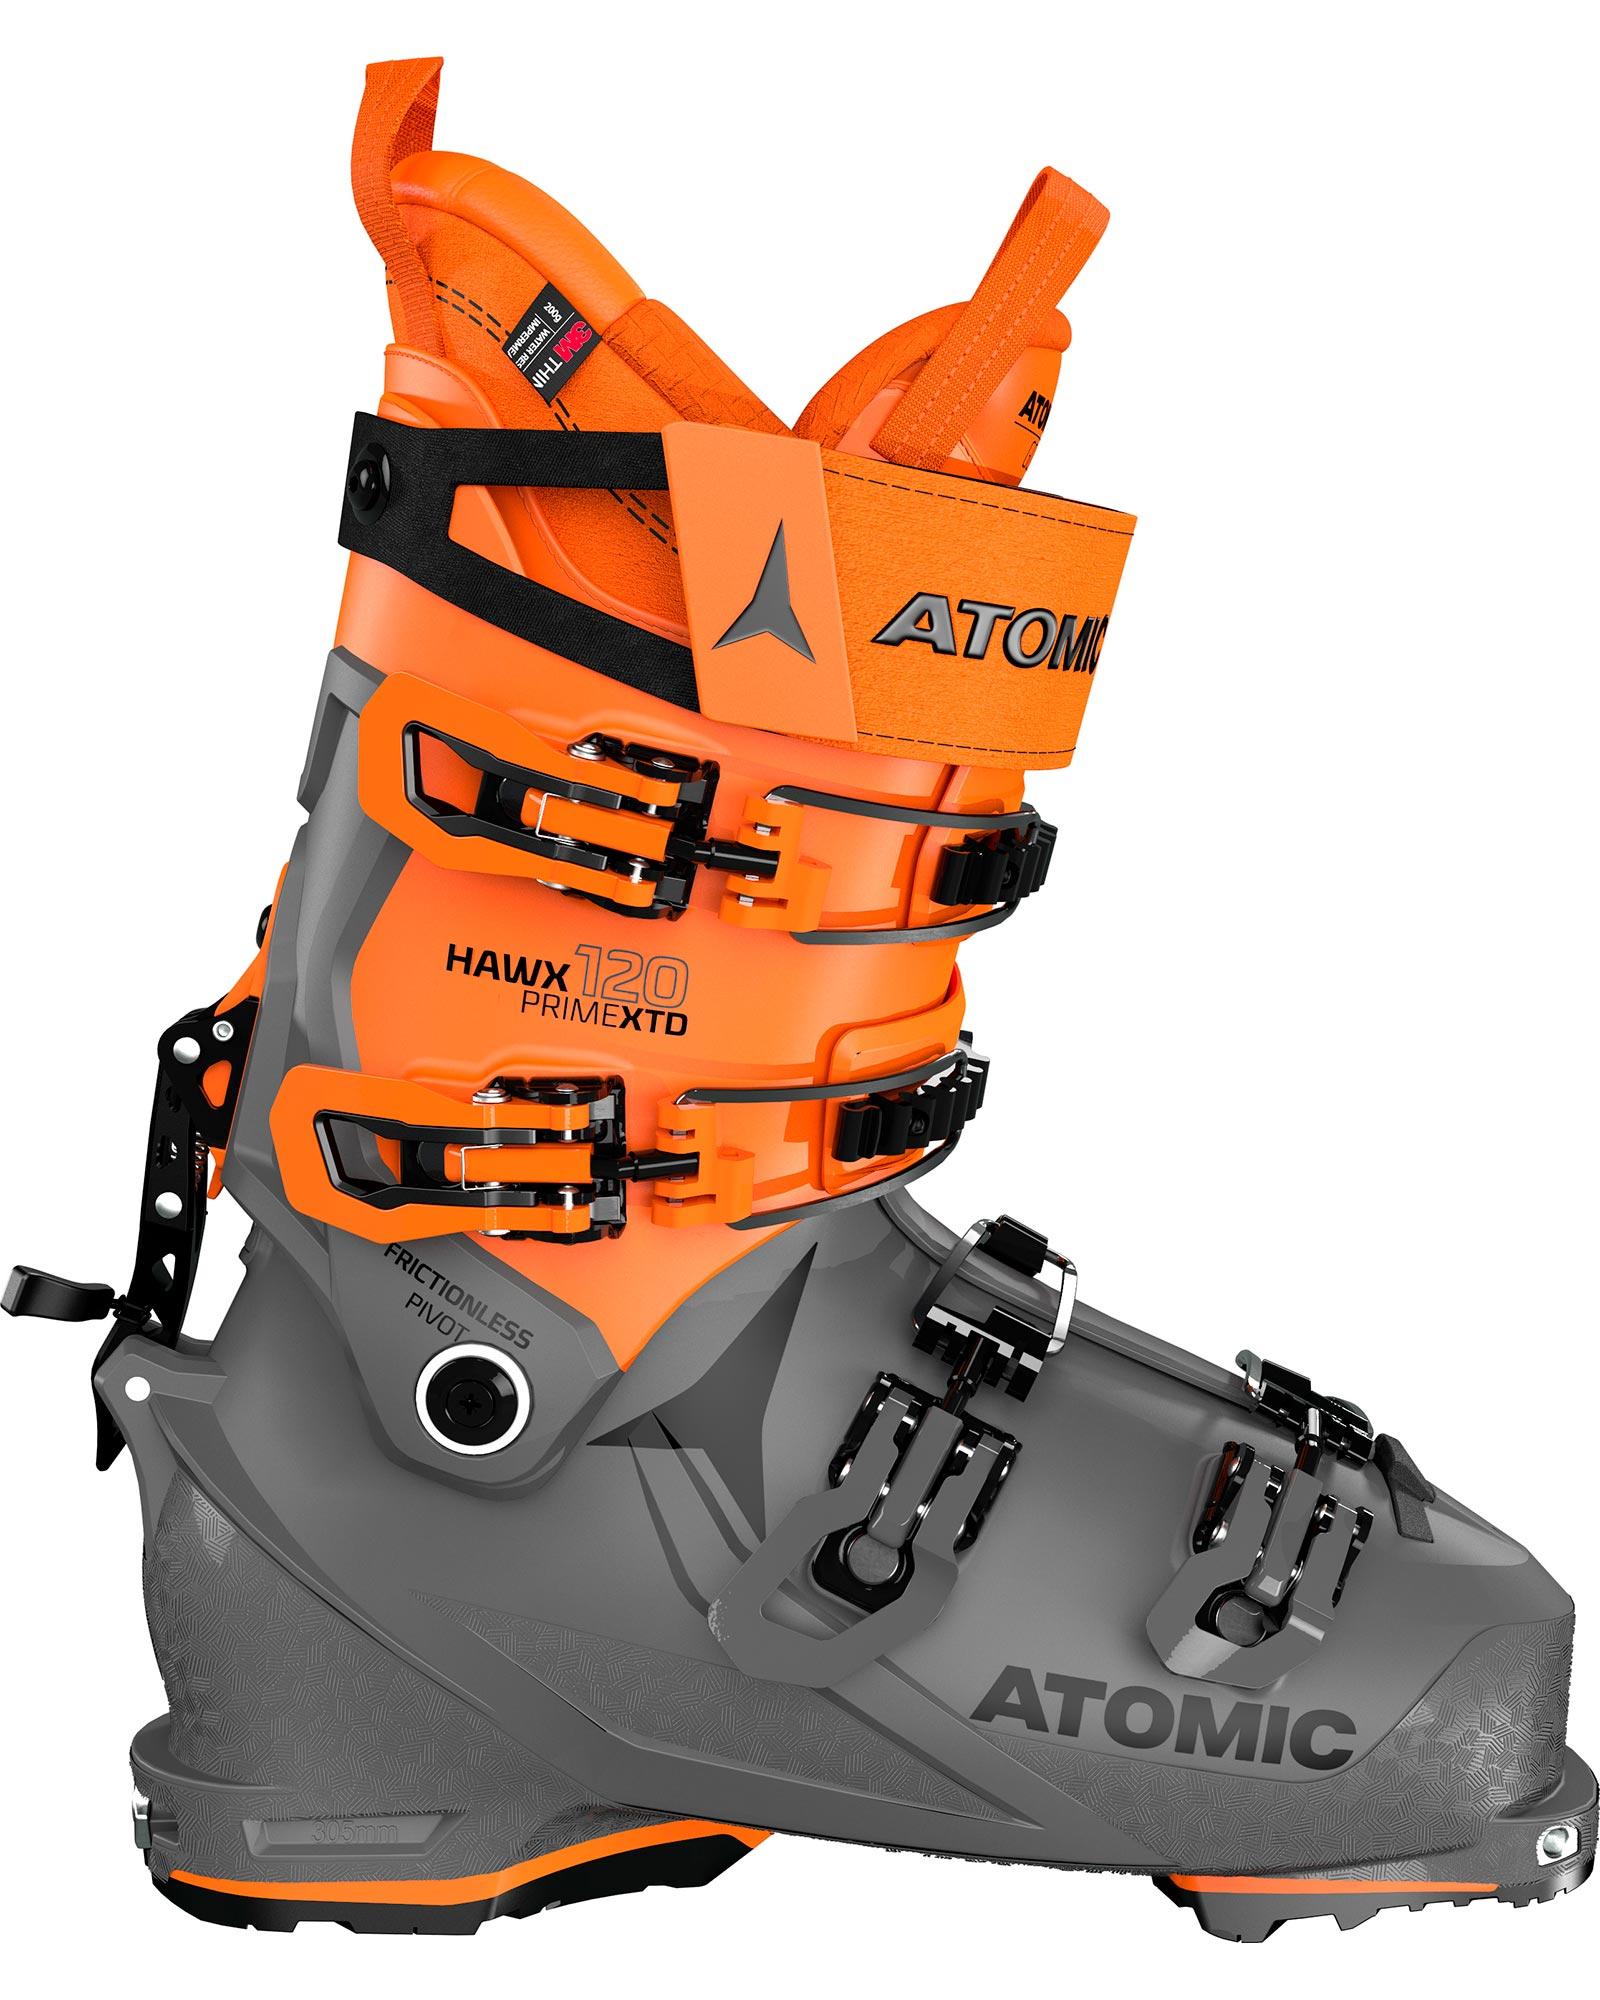 Atomic Men's Hawx Prime XTD 120 Tech GW Backcountry Ski Boots 2020 / 2021 0